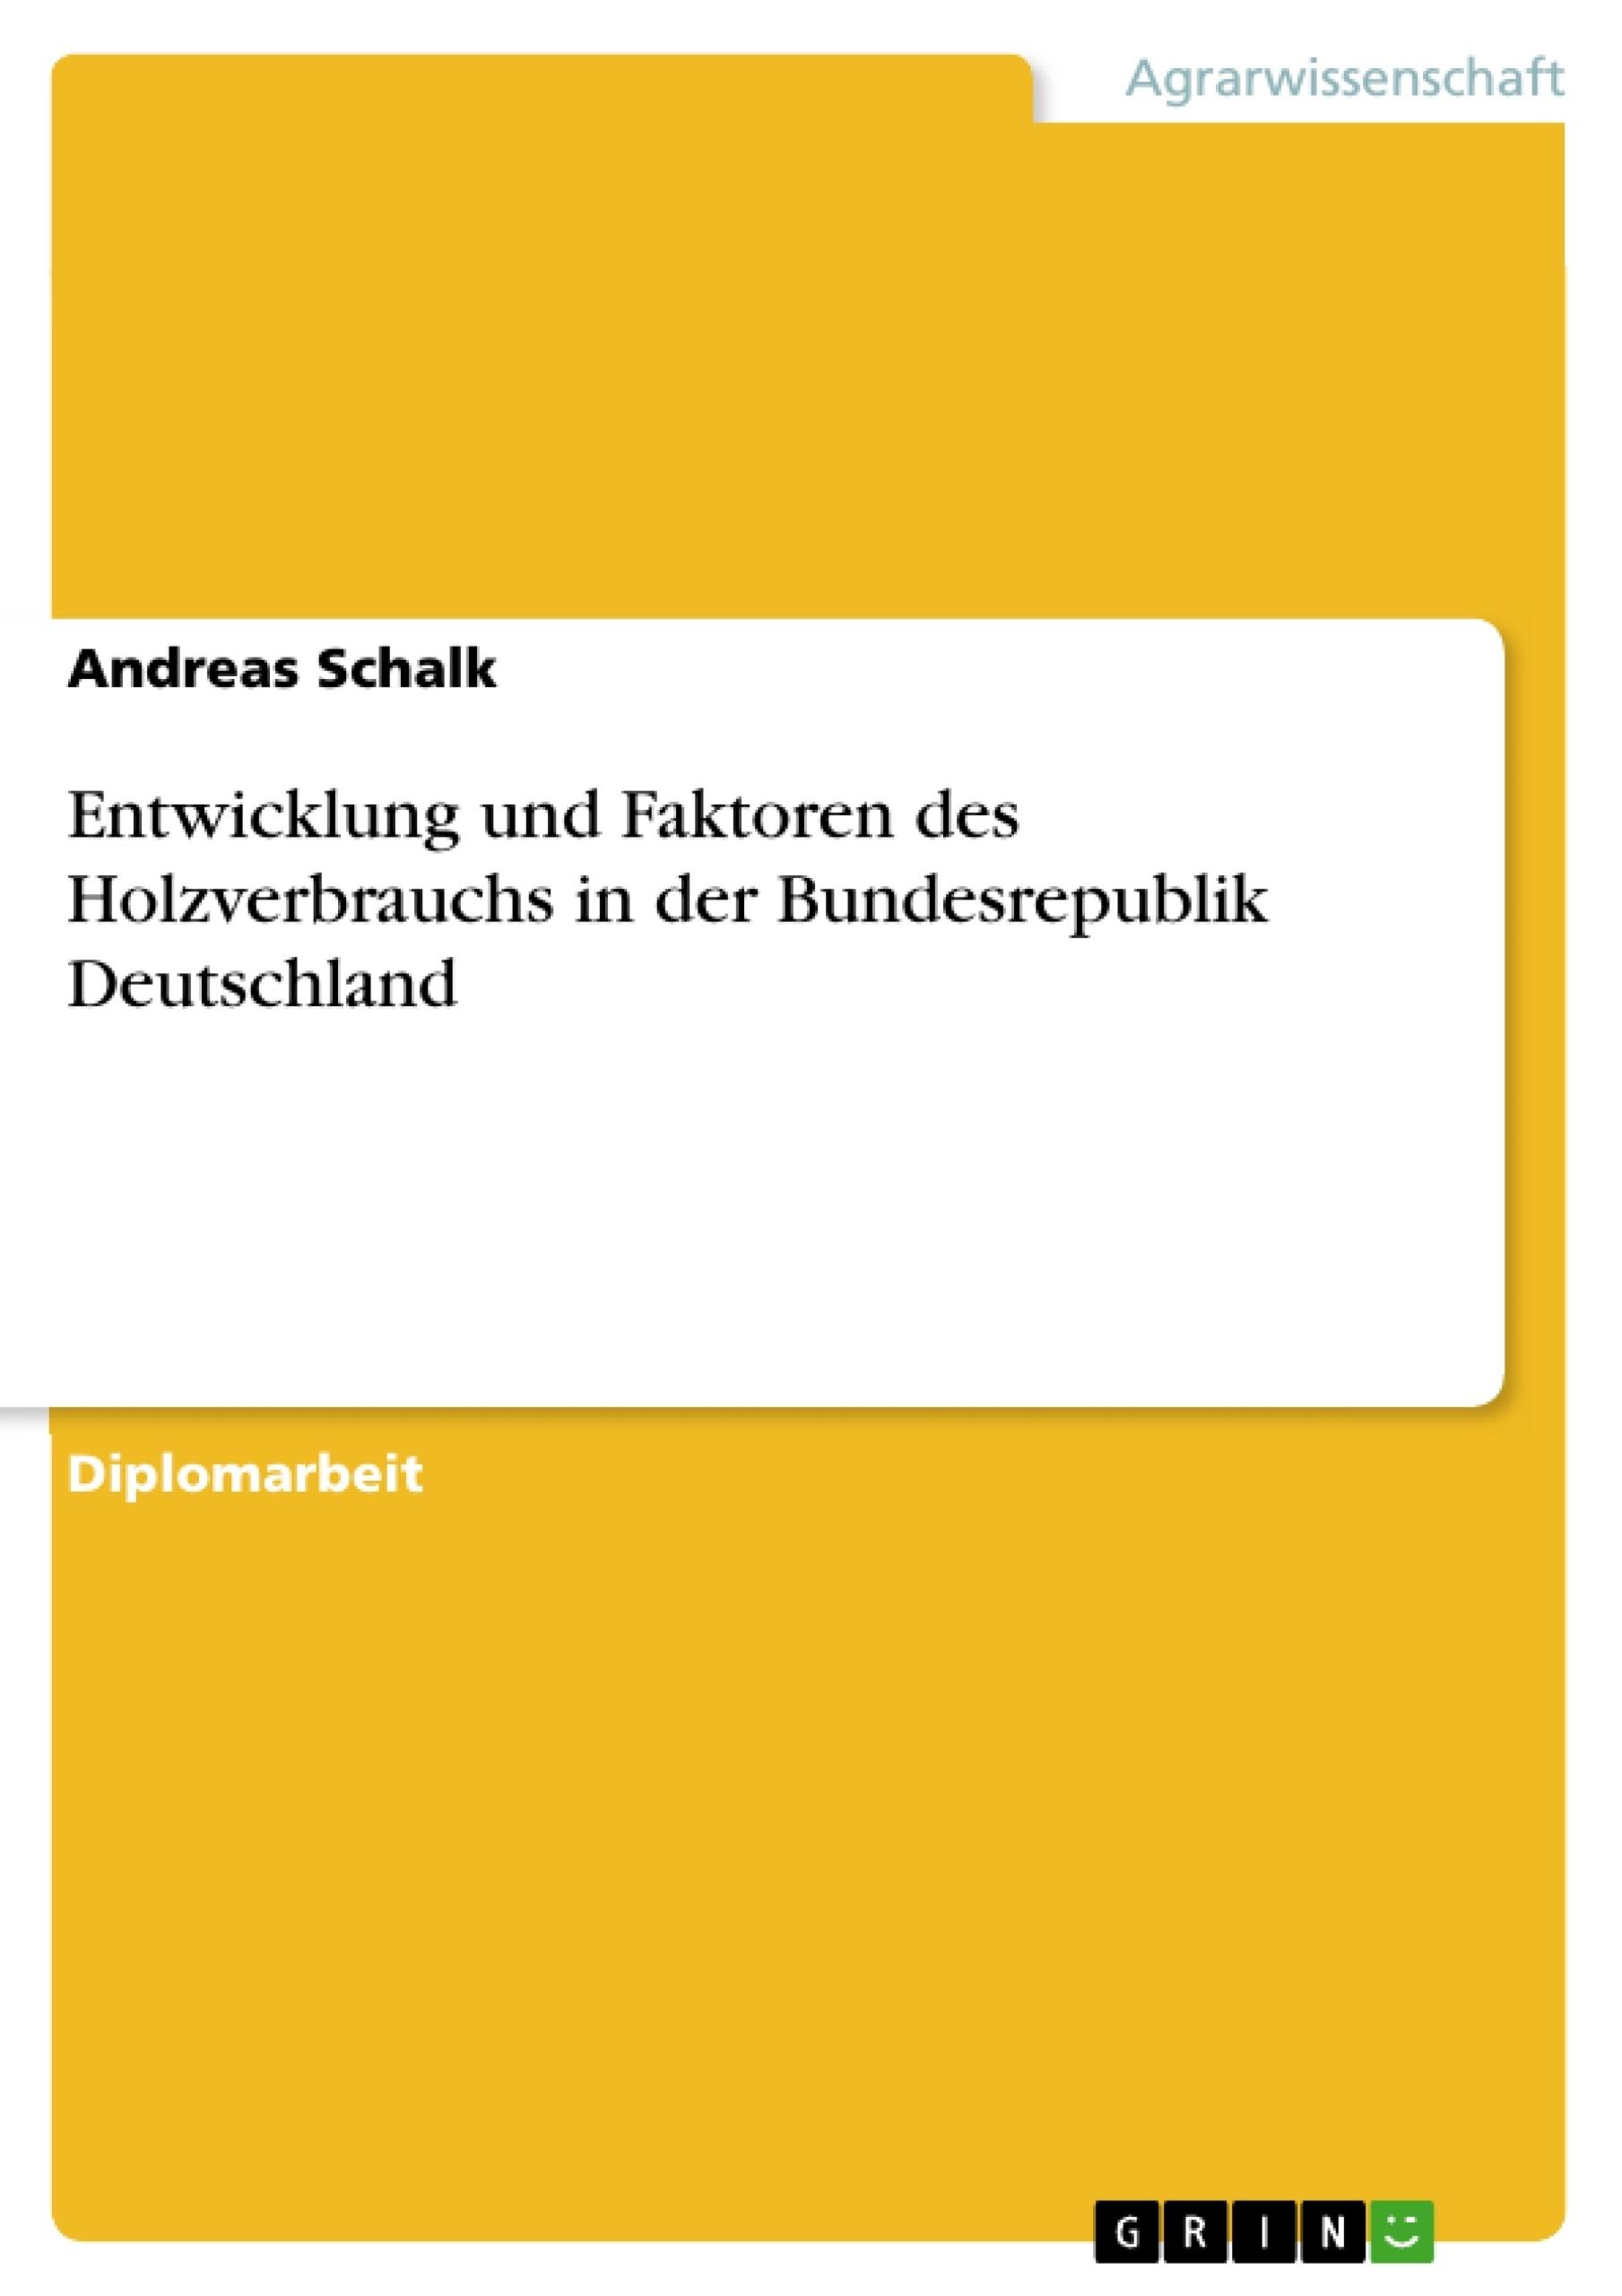 Titel: Entwicklung und Faktoren des Holzverbrauchs in der Bundesrepublik Deutschland